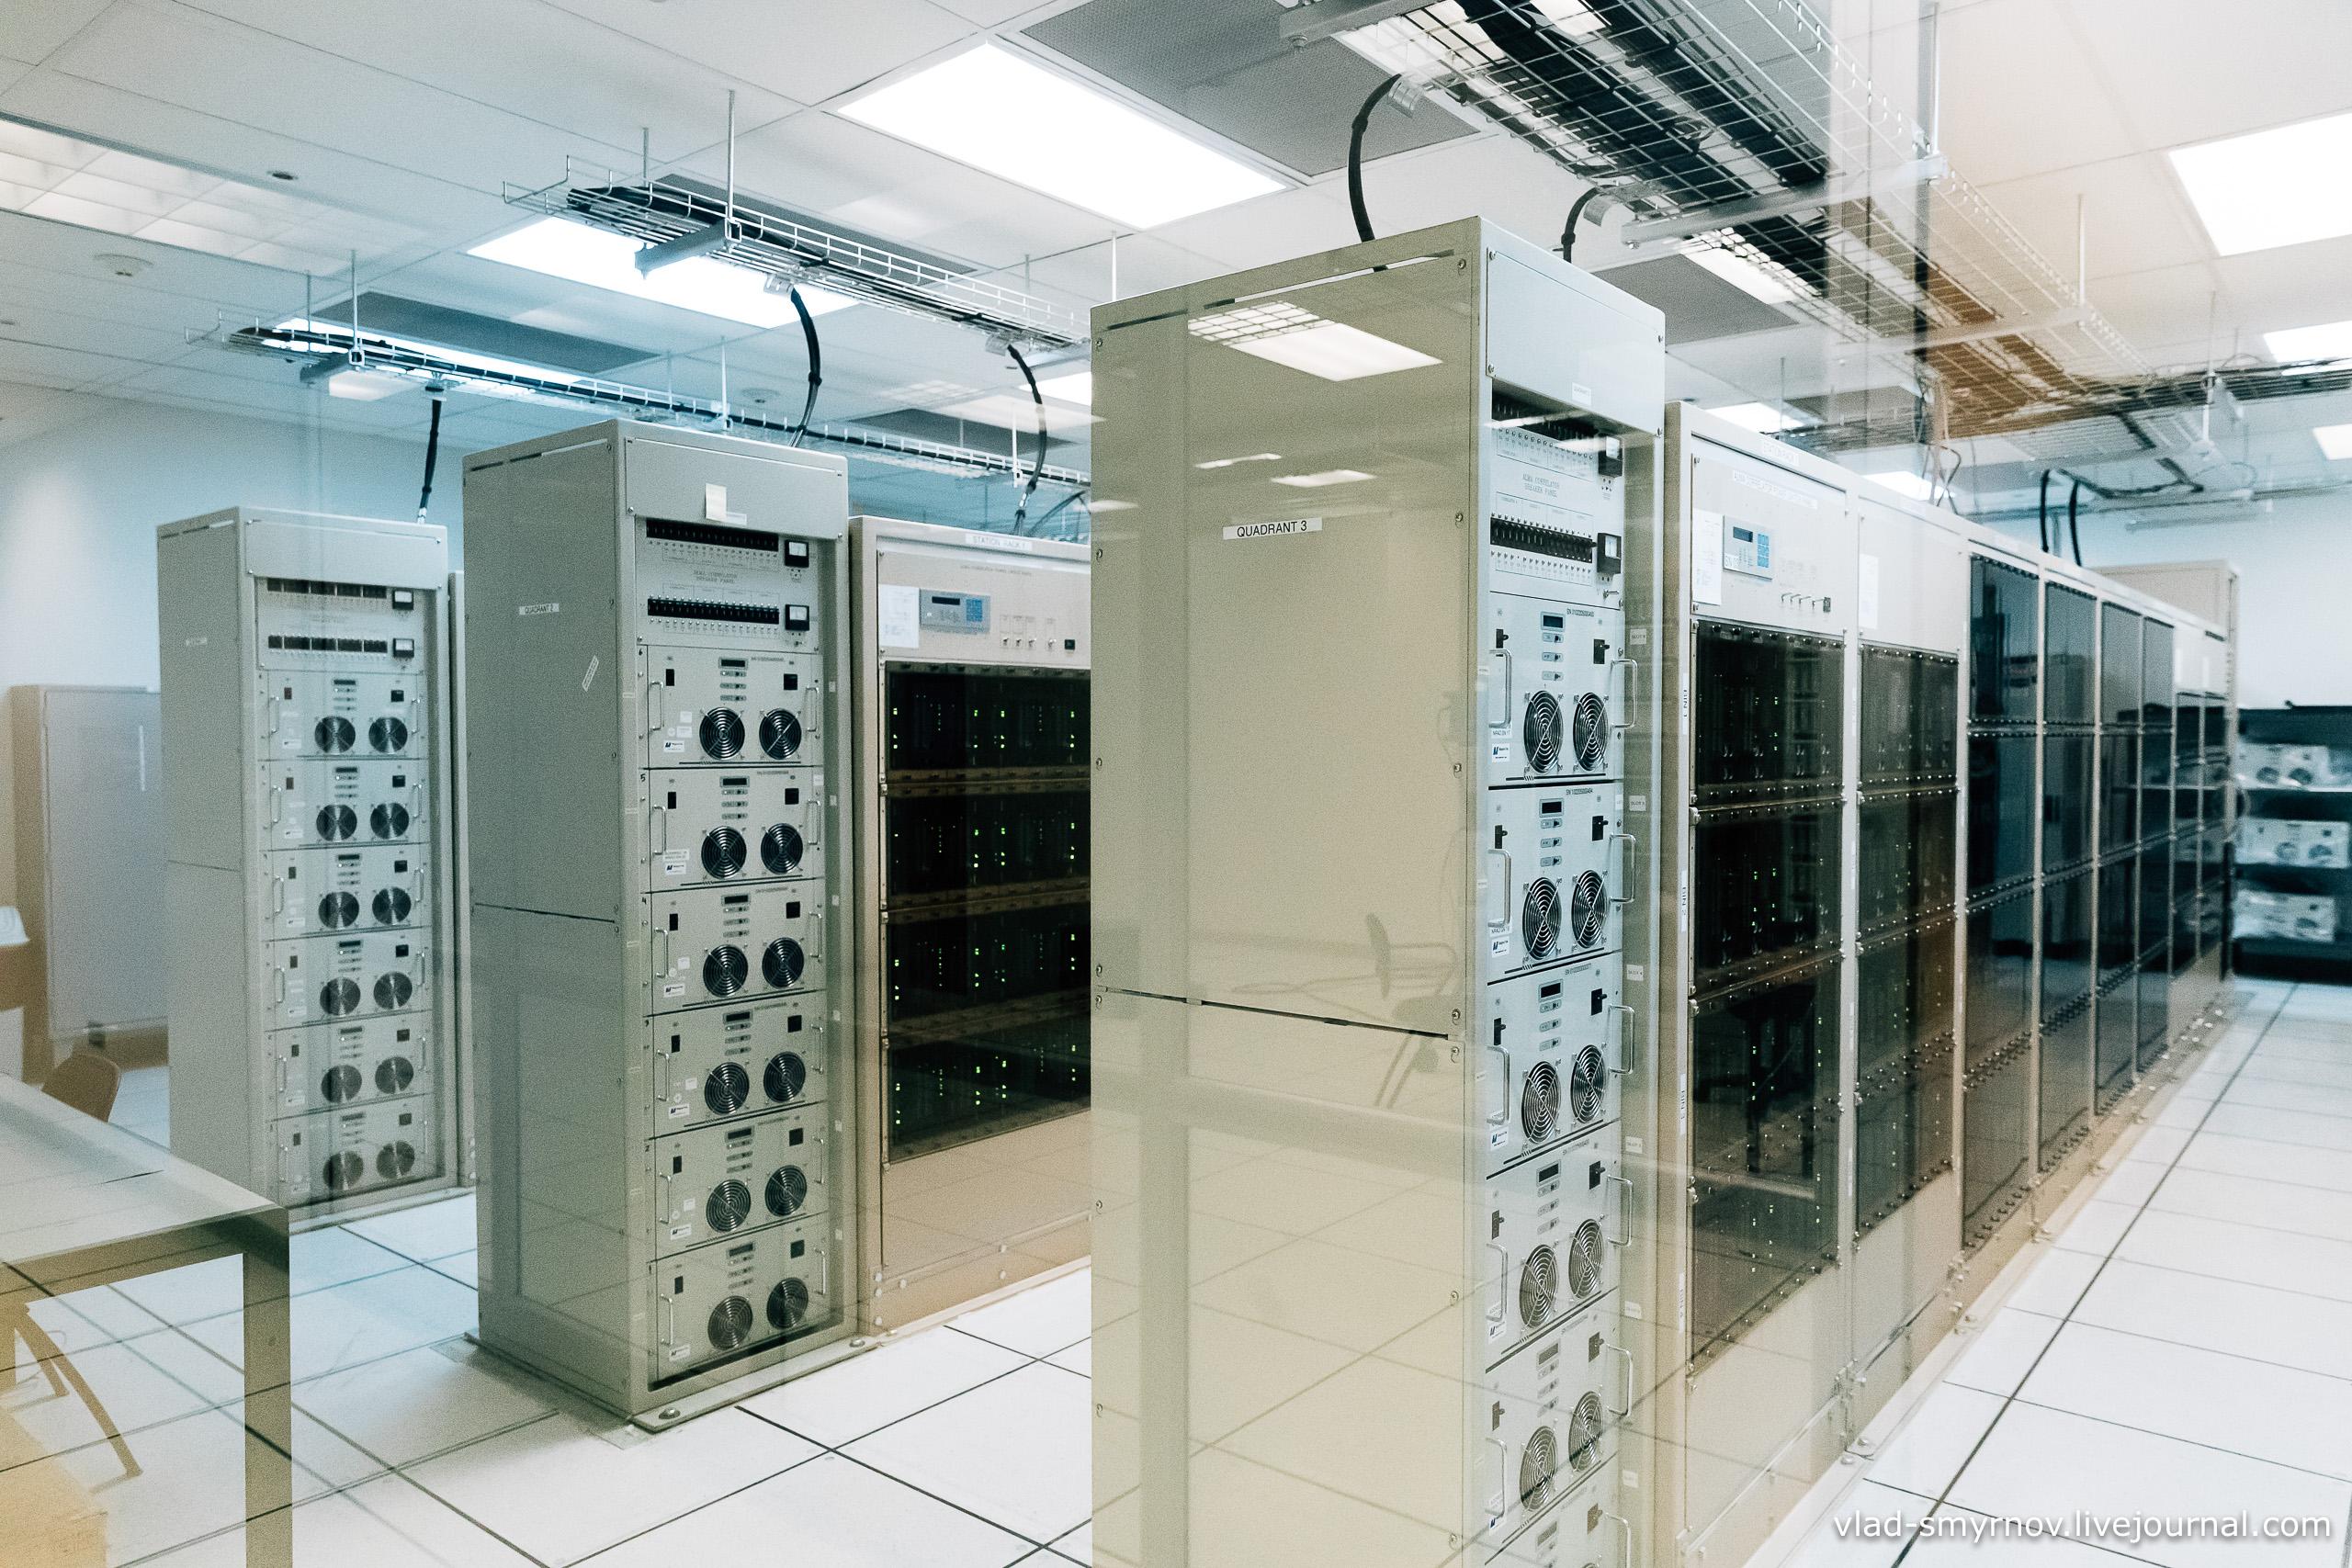 Суперкомпьютер в вычислительном центре. Высота - 5100 м.